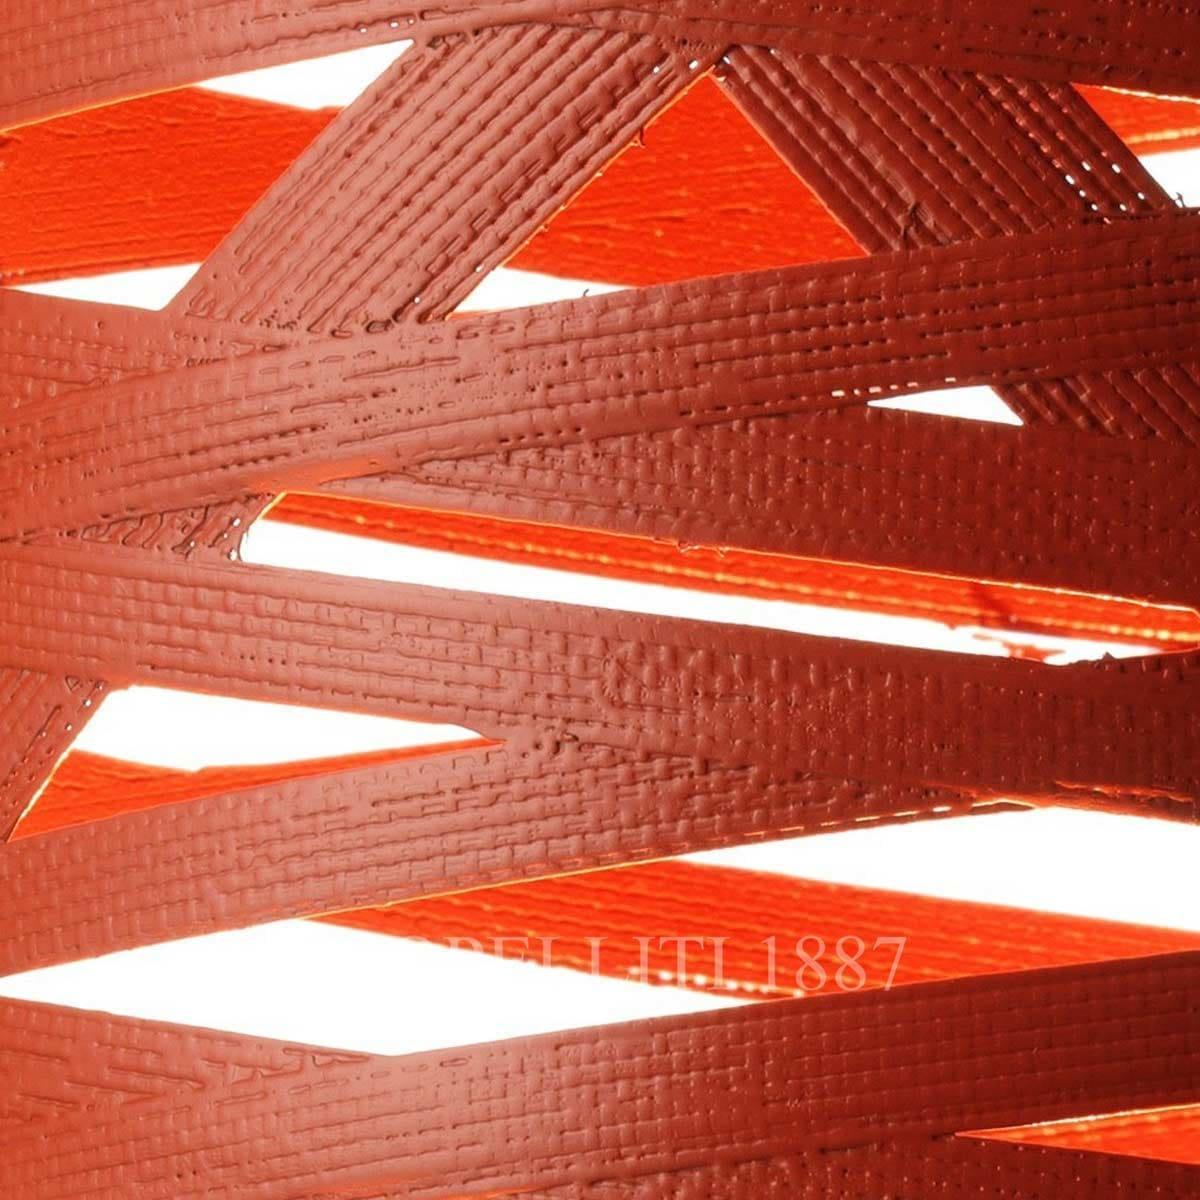 foscarini italian lighting tress red